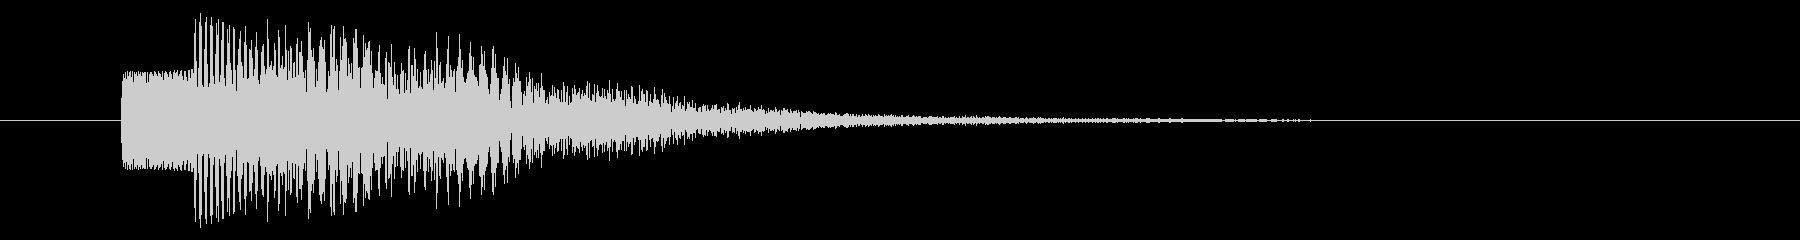 決定音/SF系/宇宙/電子音の未再生の波形